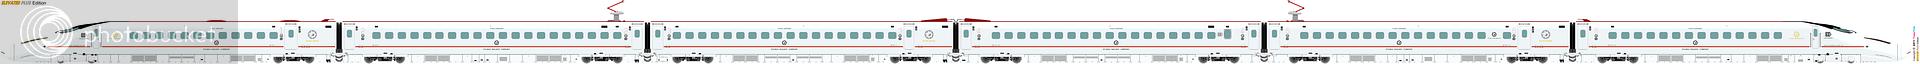 鐵路列車 2278